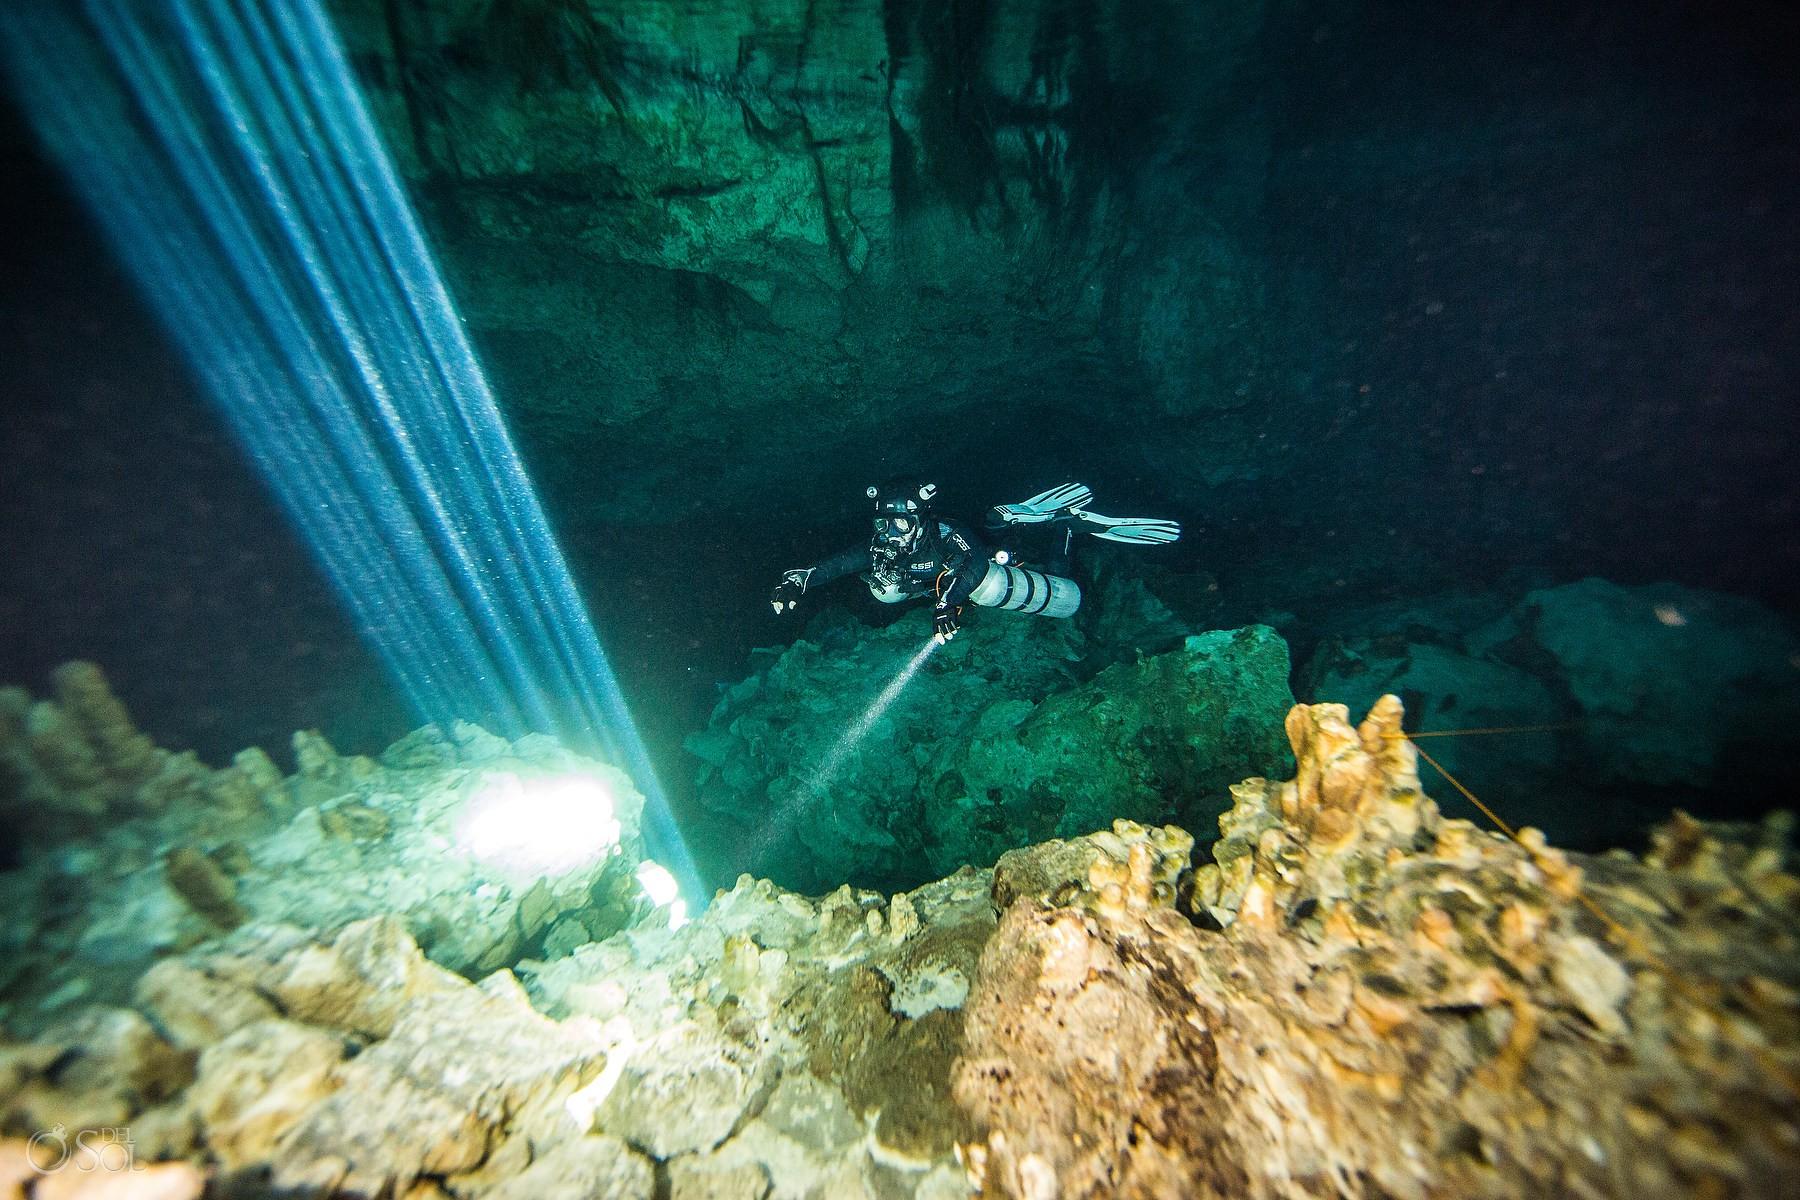 gabriel forestieri underwater dancer fine art photography light innature Cenote Riviera Maya Mexico